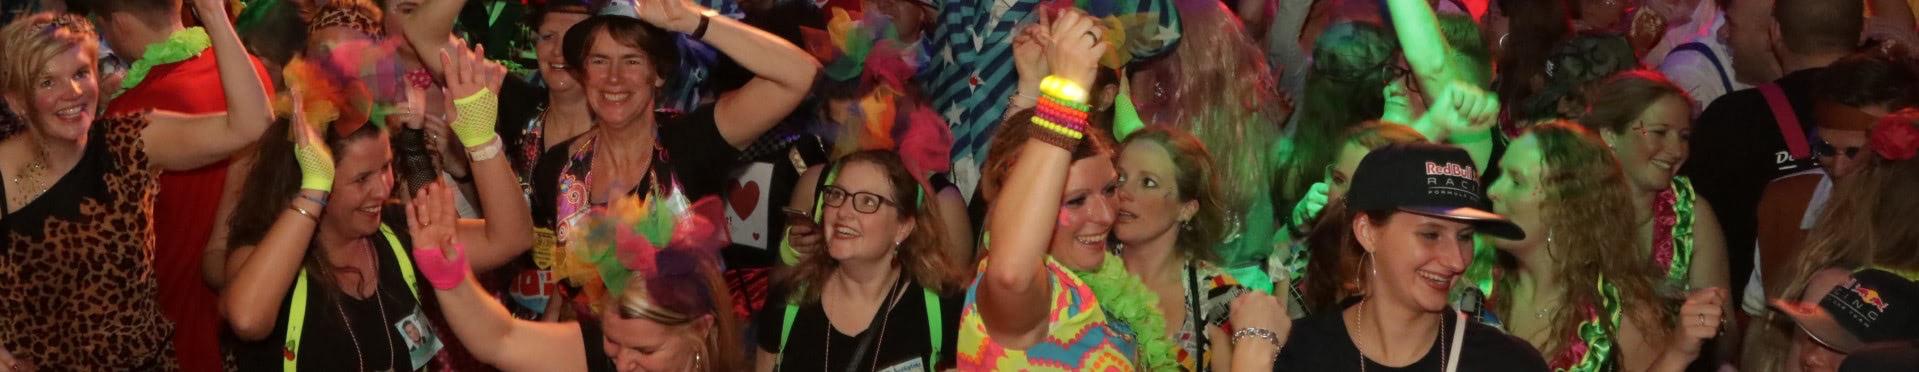 Het carnaval was FANTASTISCH!!!